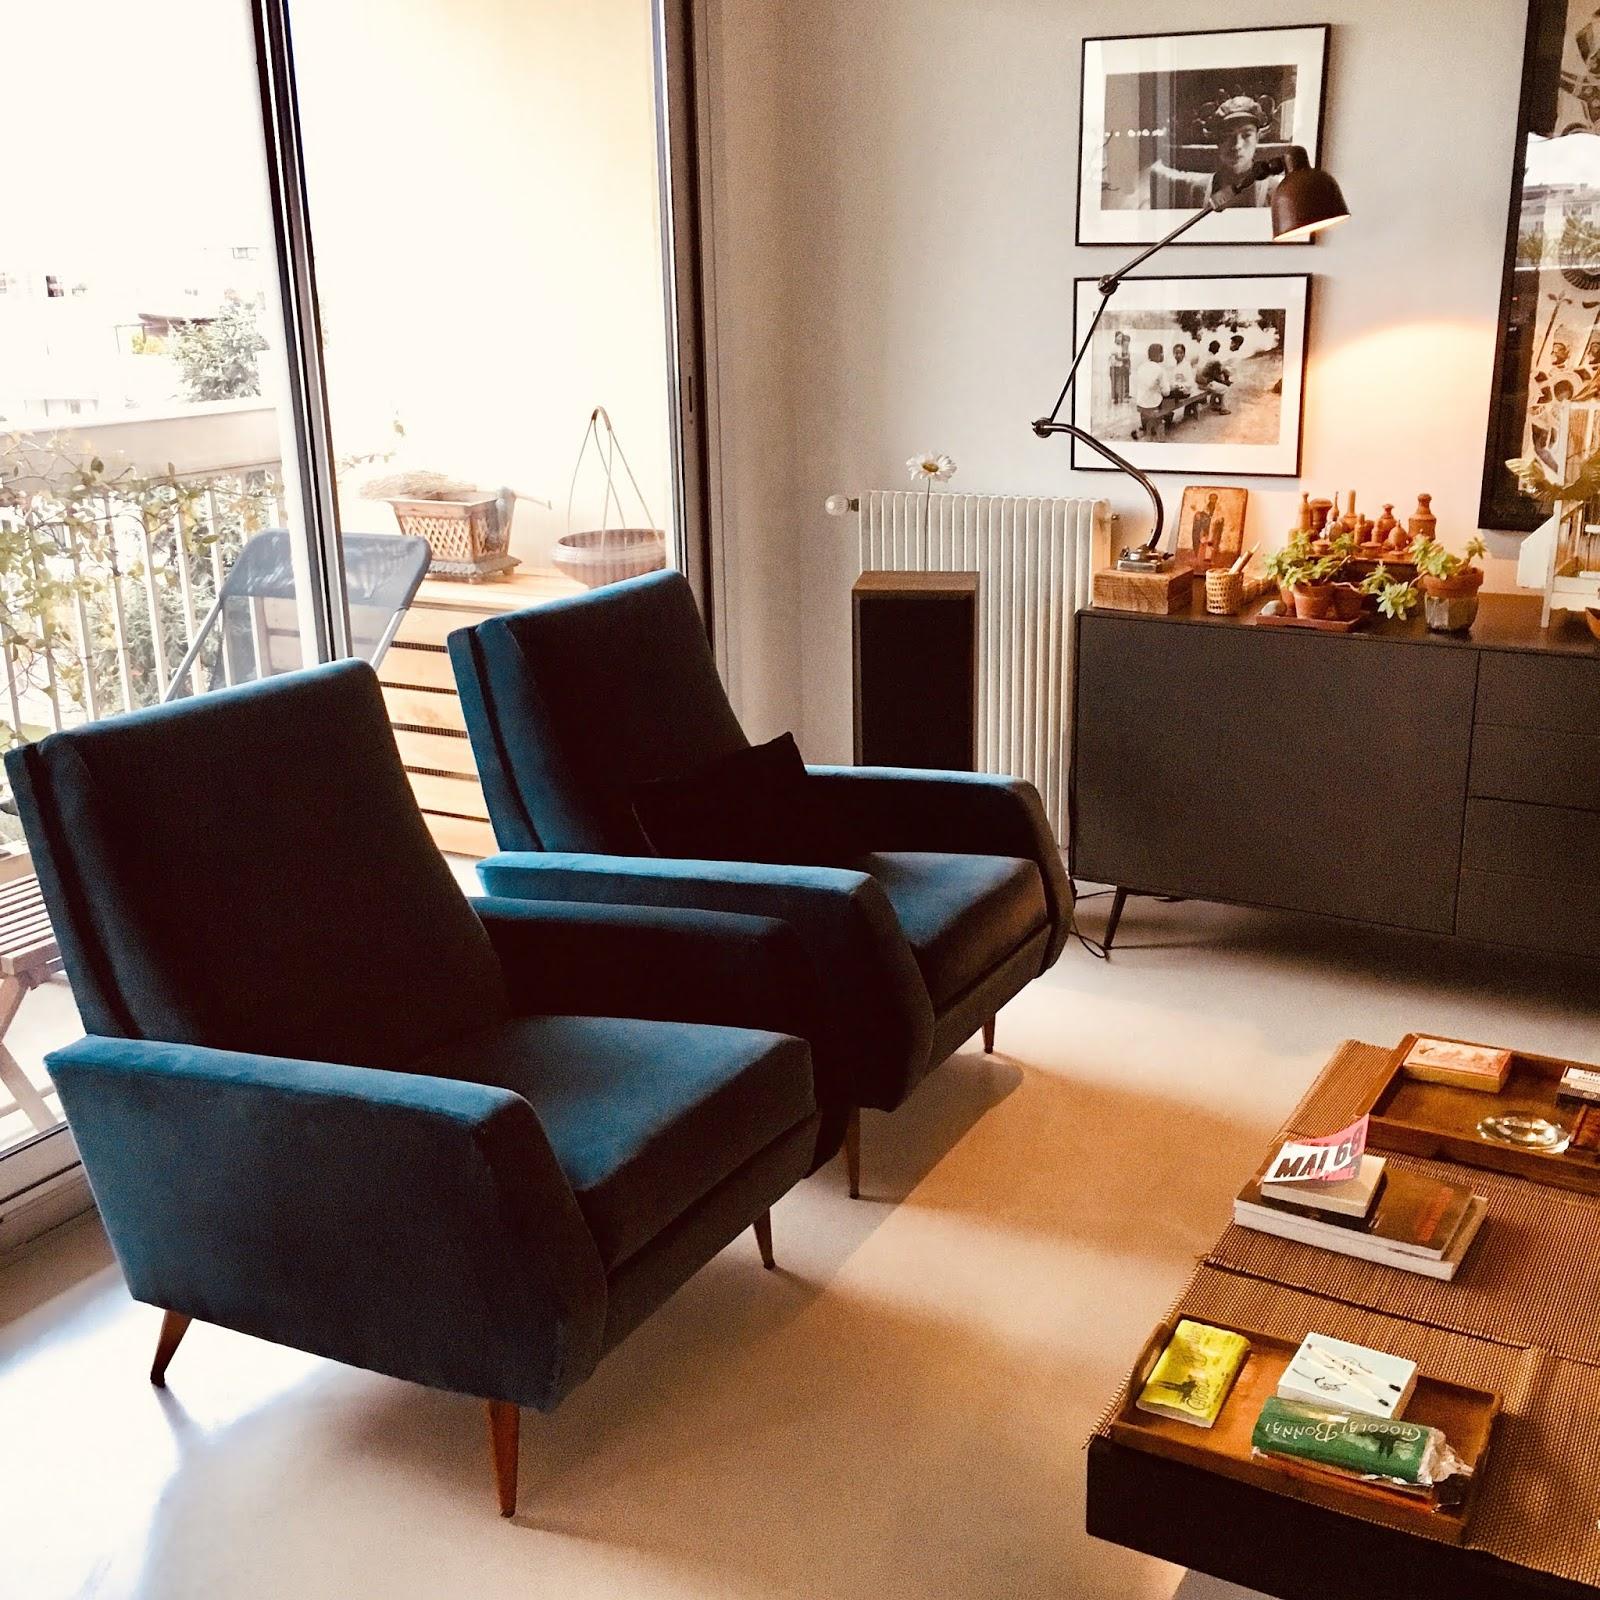 atelier anne lavit artisan tapissier d corateur 69007 lyon fauteuils vintage. Black Bedroom Furniture Sets. Home Design Ideas